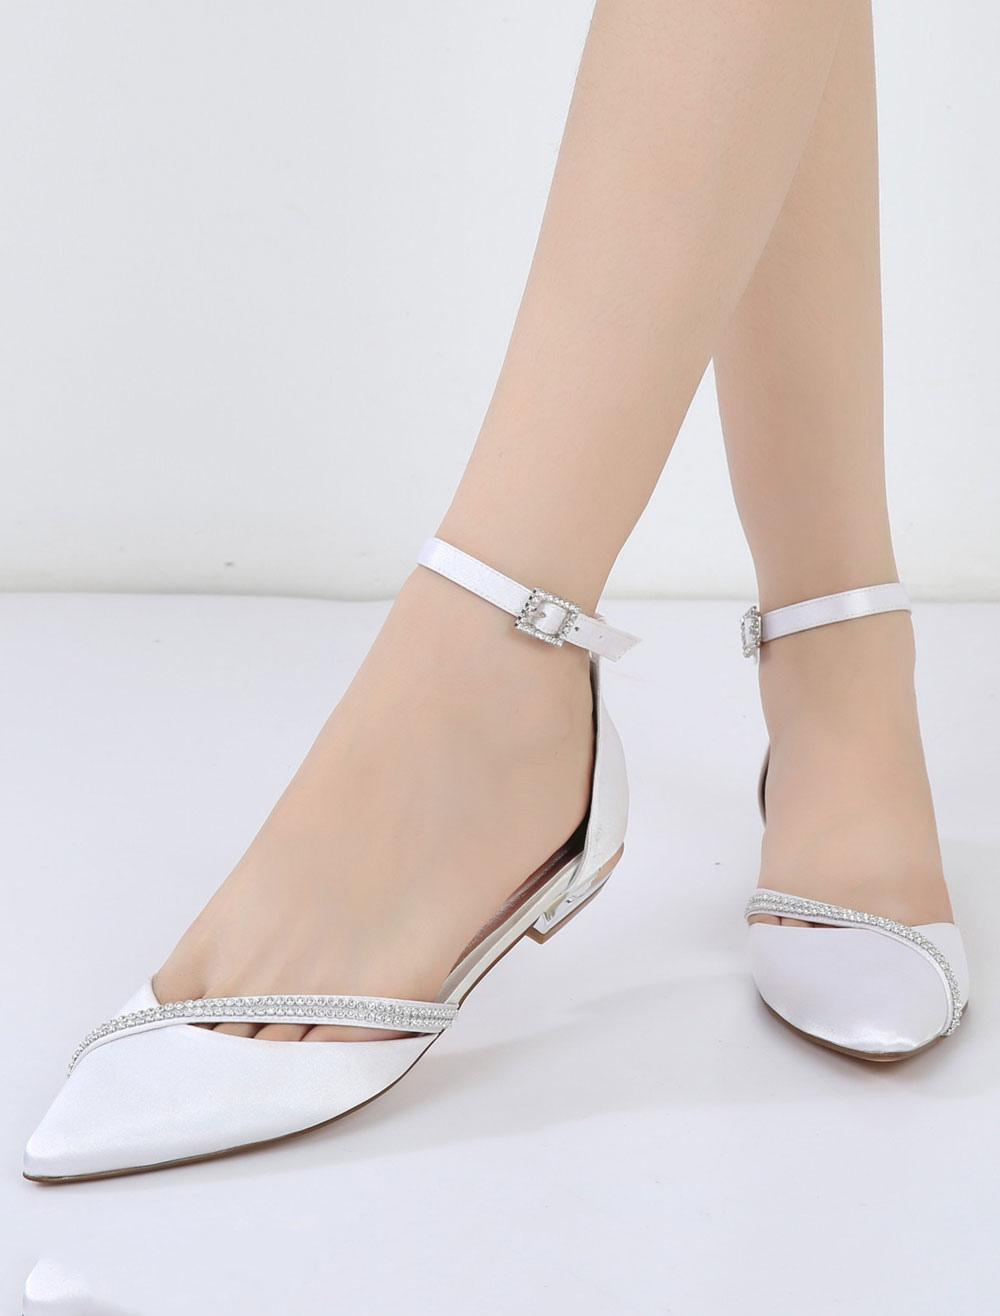 White Wedding Shoes Satin Bridesmaid Shoes Pointed Toe Rhinestones Flat Bridal Shoes